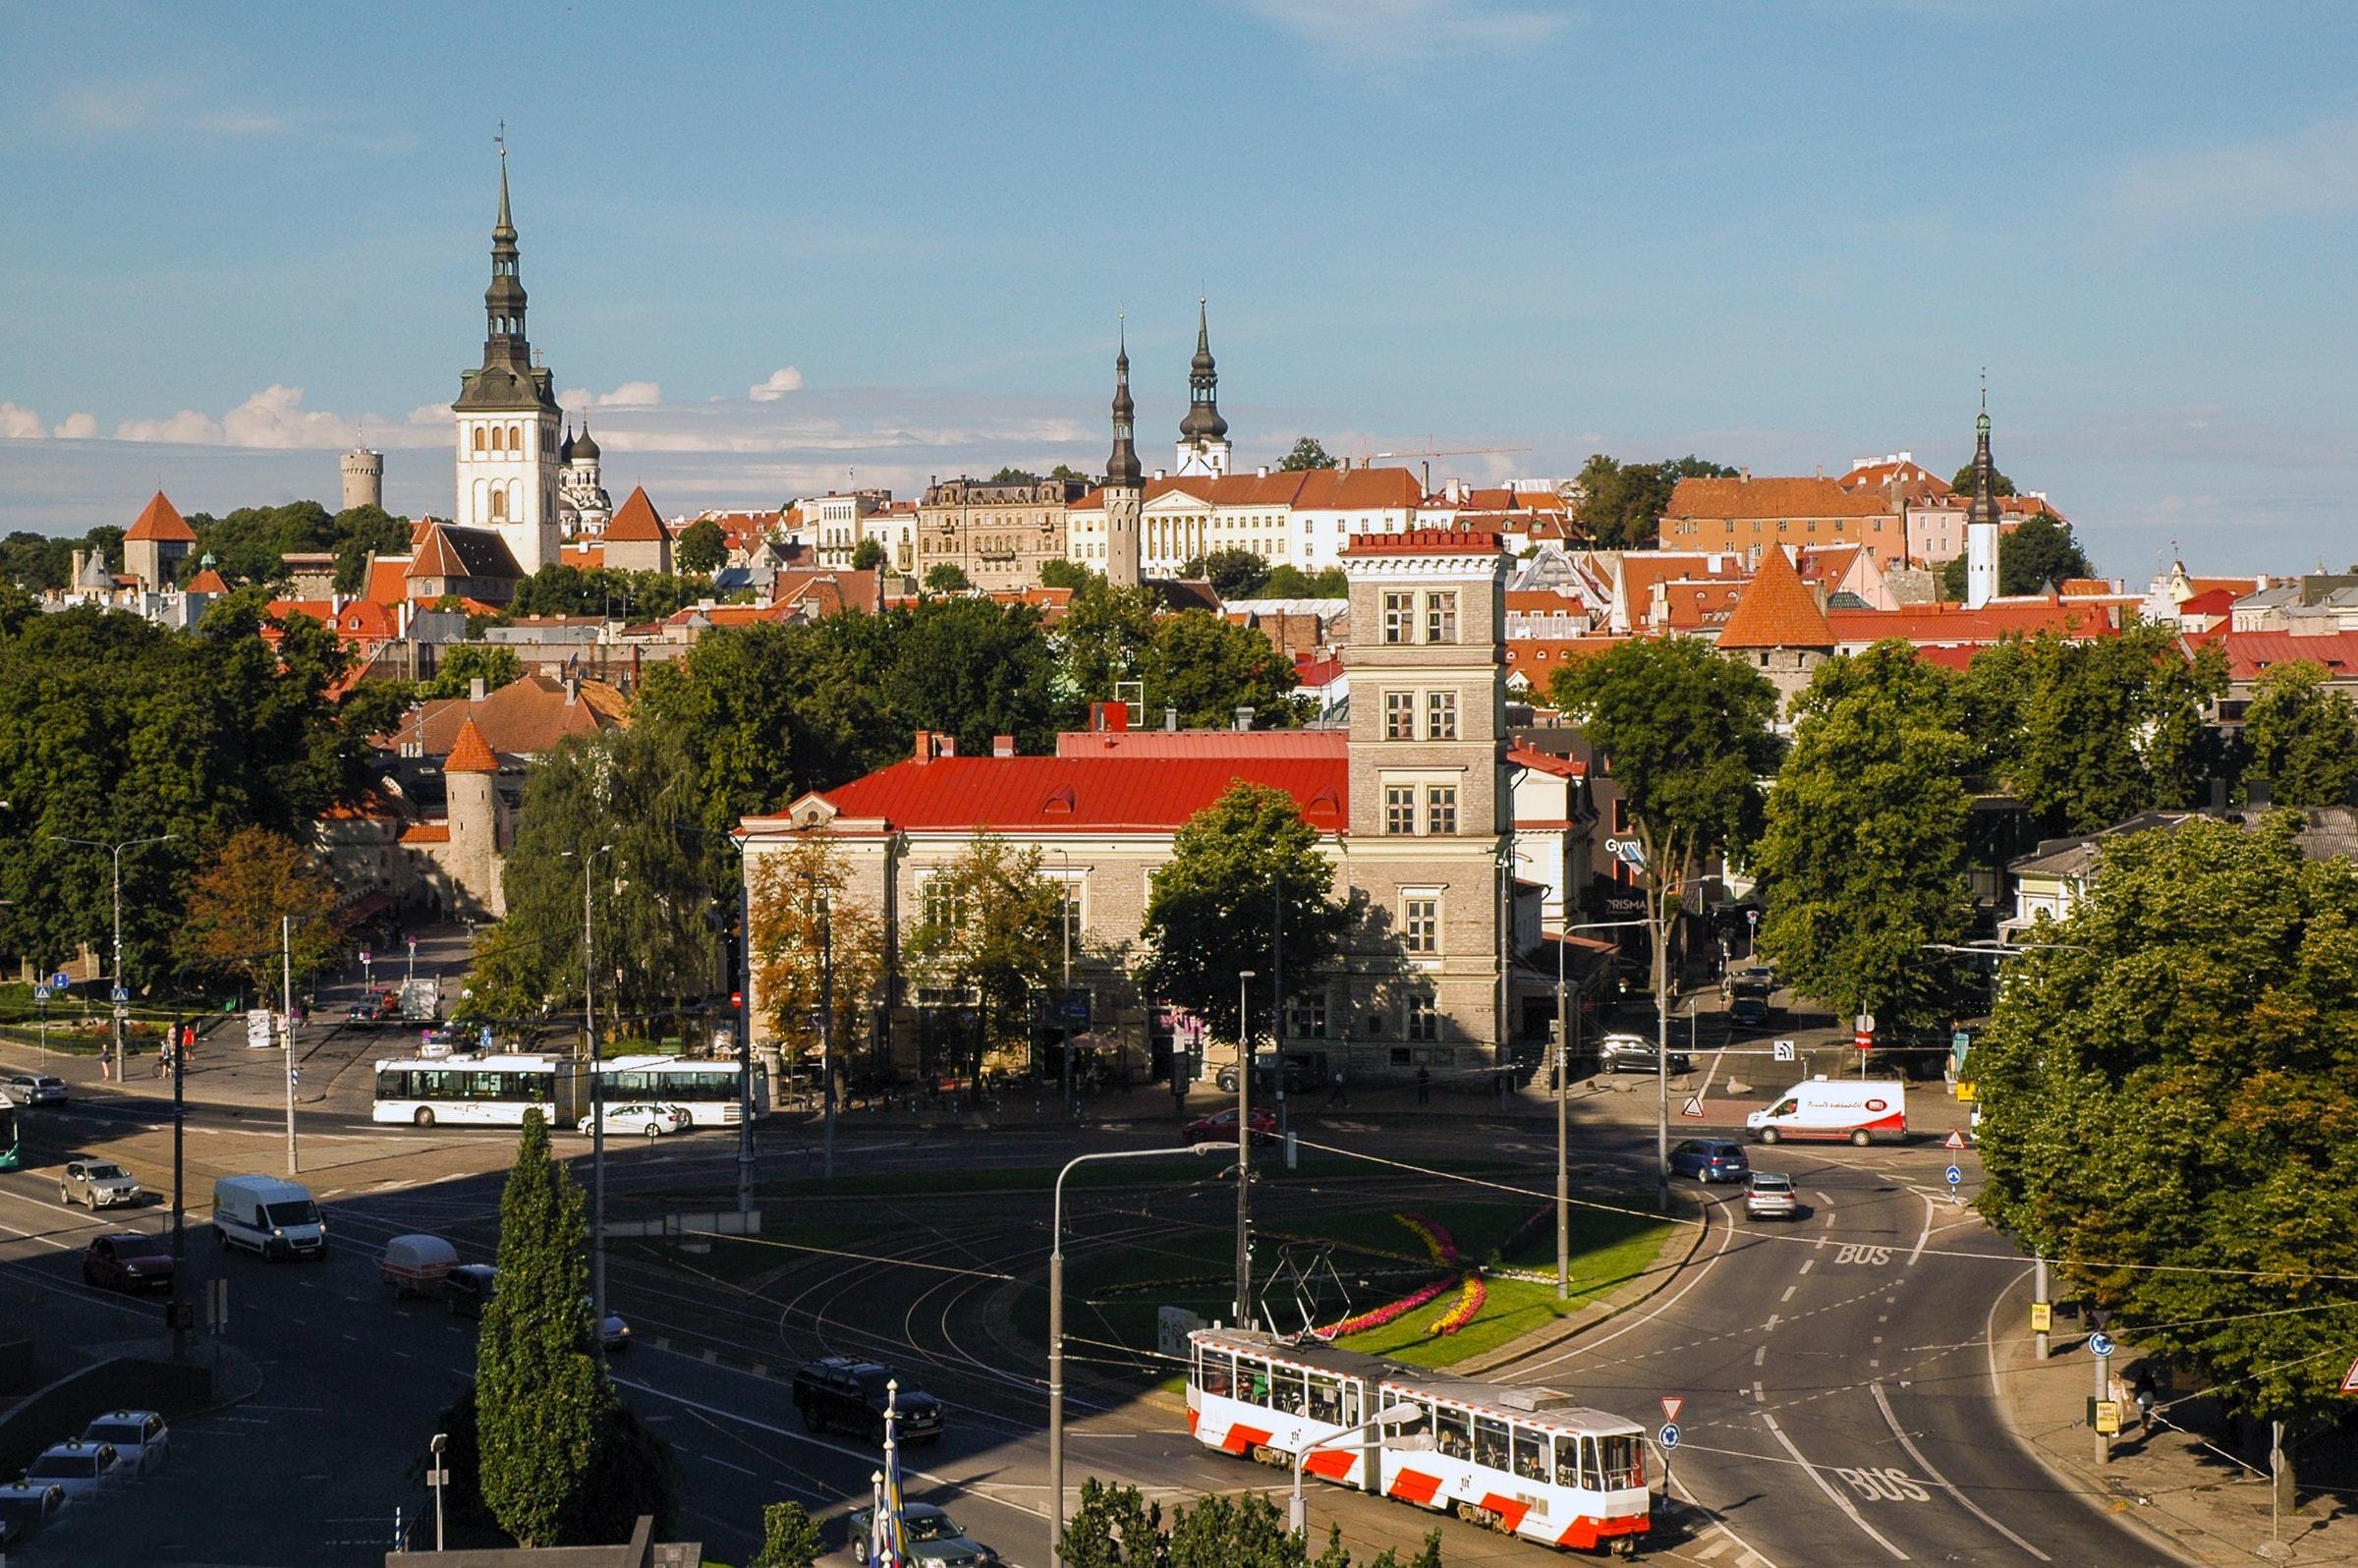 II Public Debates in Tallinn – 18-21 August 2021